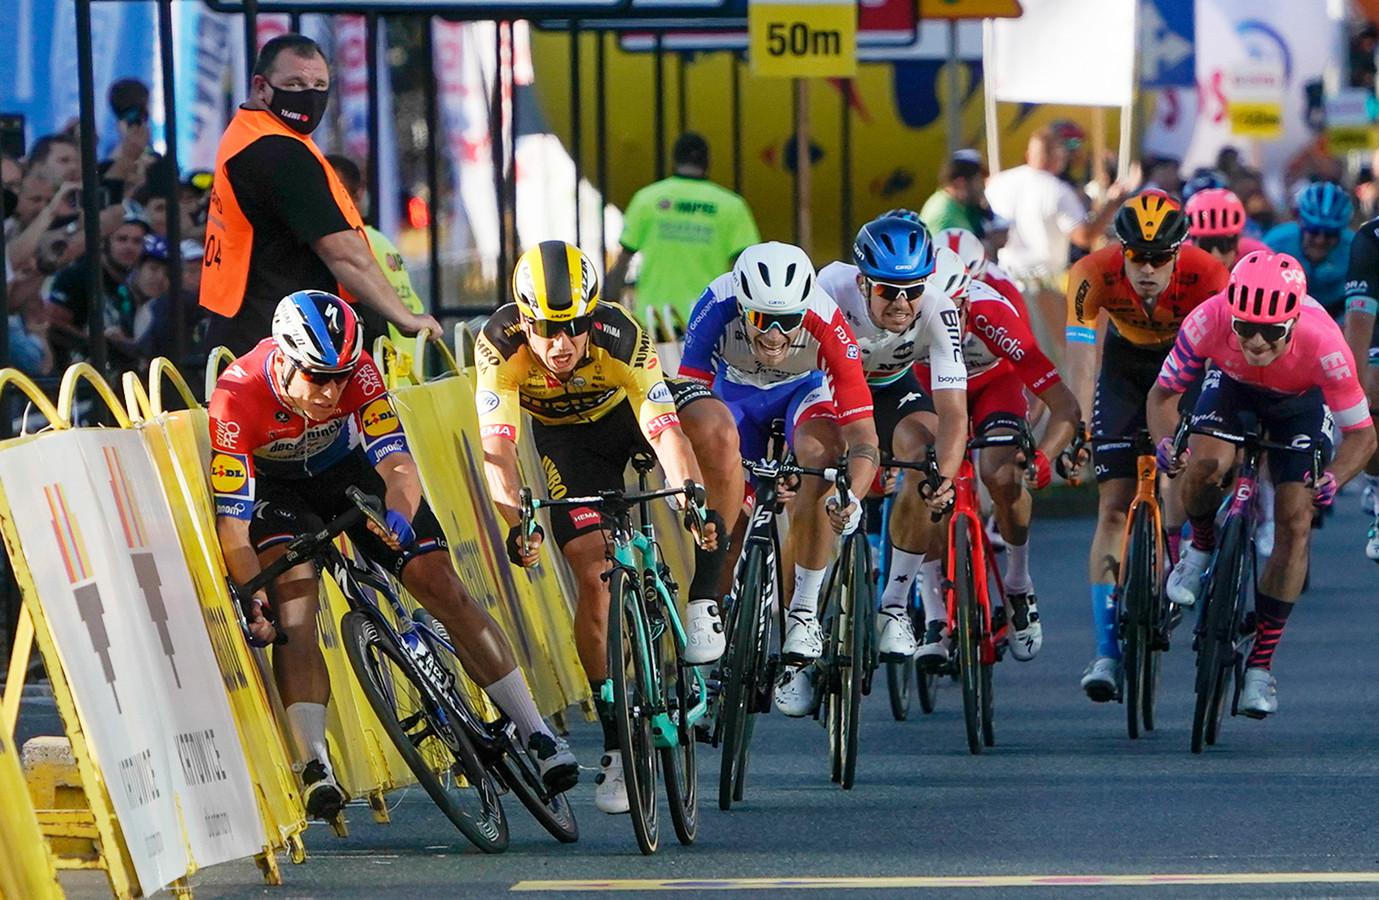 Fabio Jakobsen raakte zwaargewond door een manoeuvre van Dylan Groenewegen in de Ronde van Polen van vorig jaar.